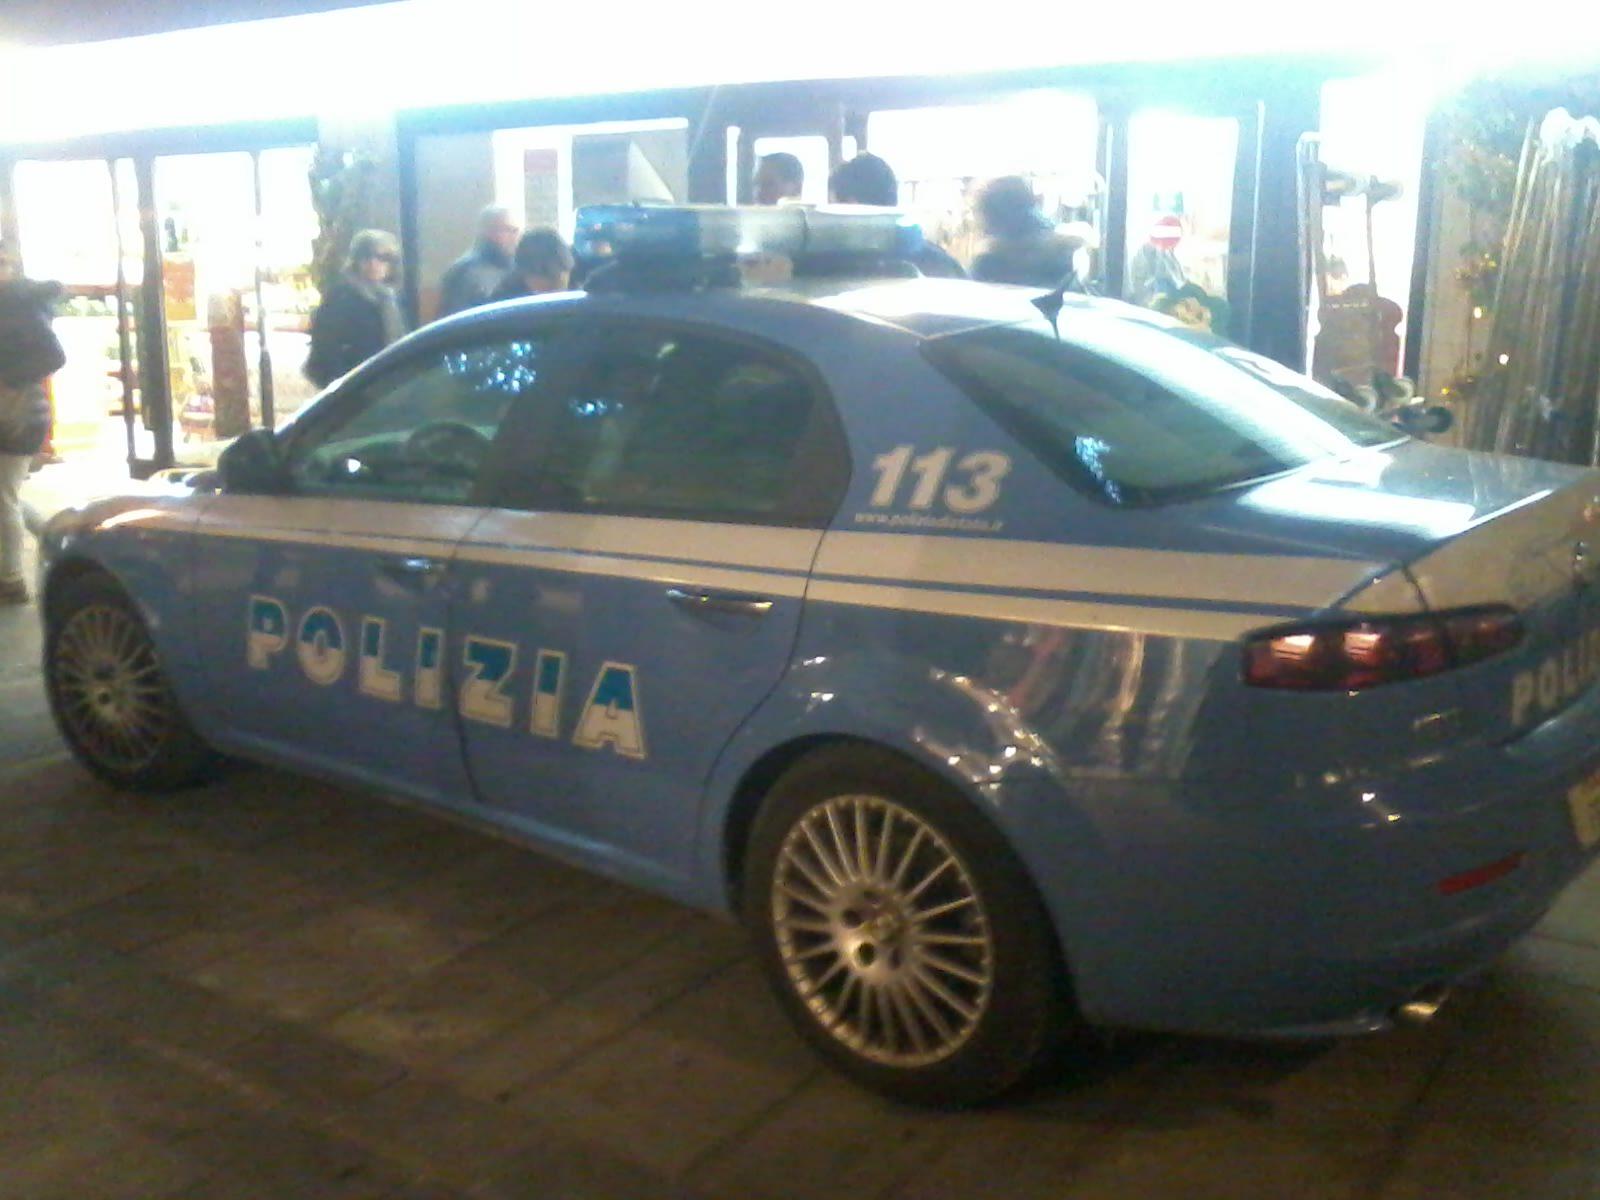 Ubriaco alla guida non si ferma all'alt dei carabinieri. Rocambolesco inseguimento in Darsena